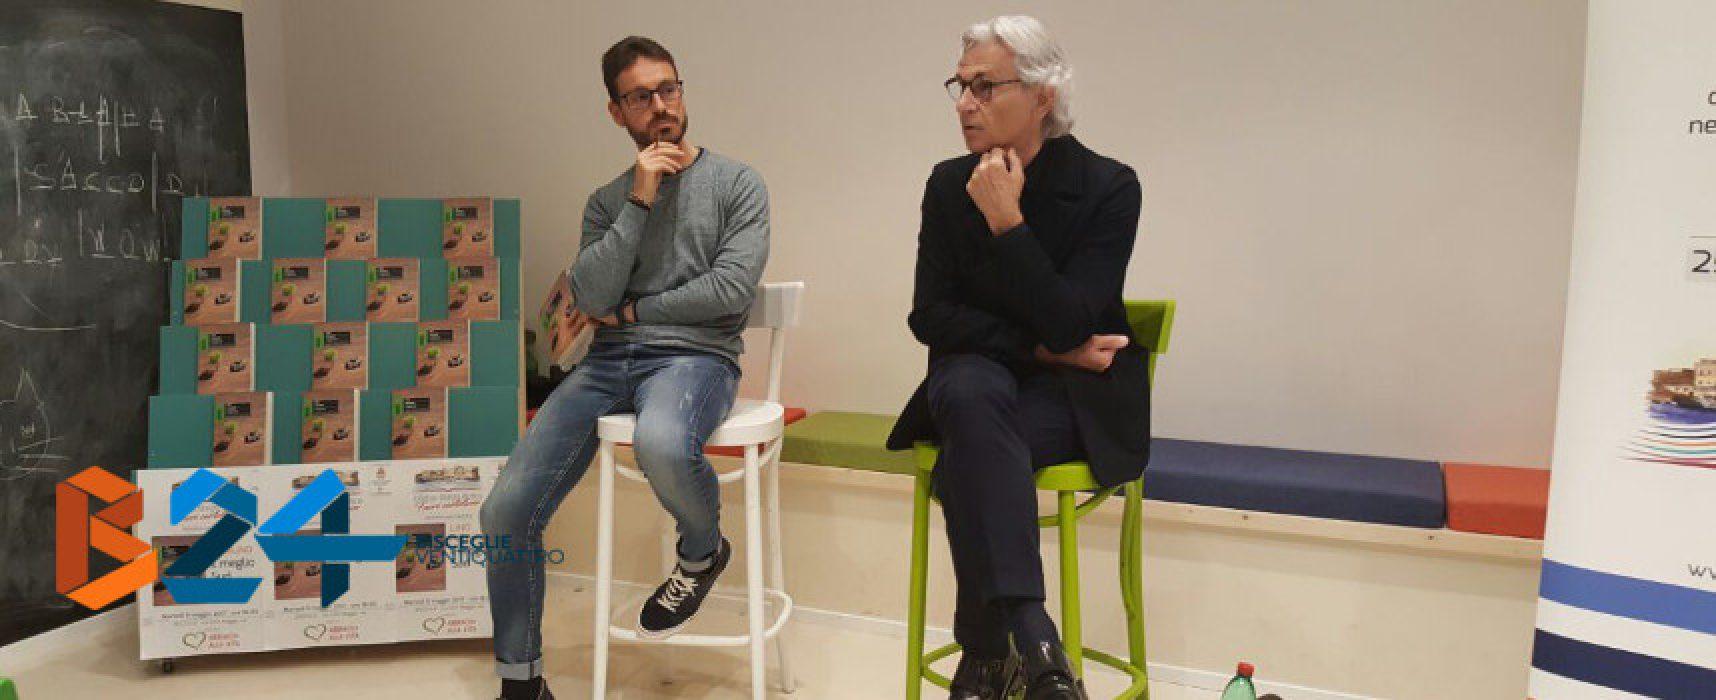 """Lino Patruno presenta """"Il meglio Sud"""": """"Disponiamo di tante eccellenze, non di sole tragedie"""""""